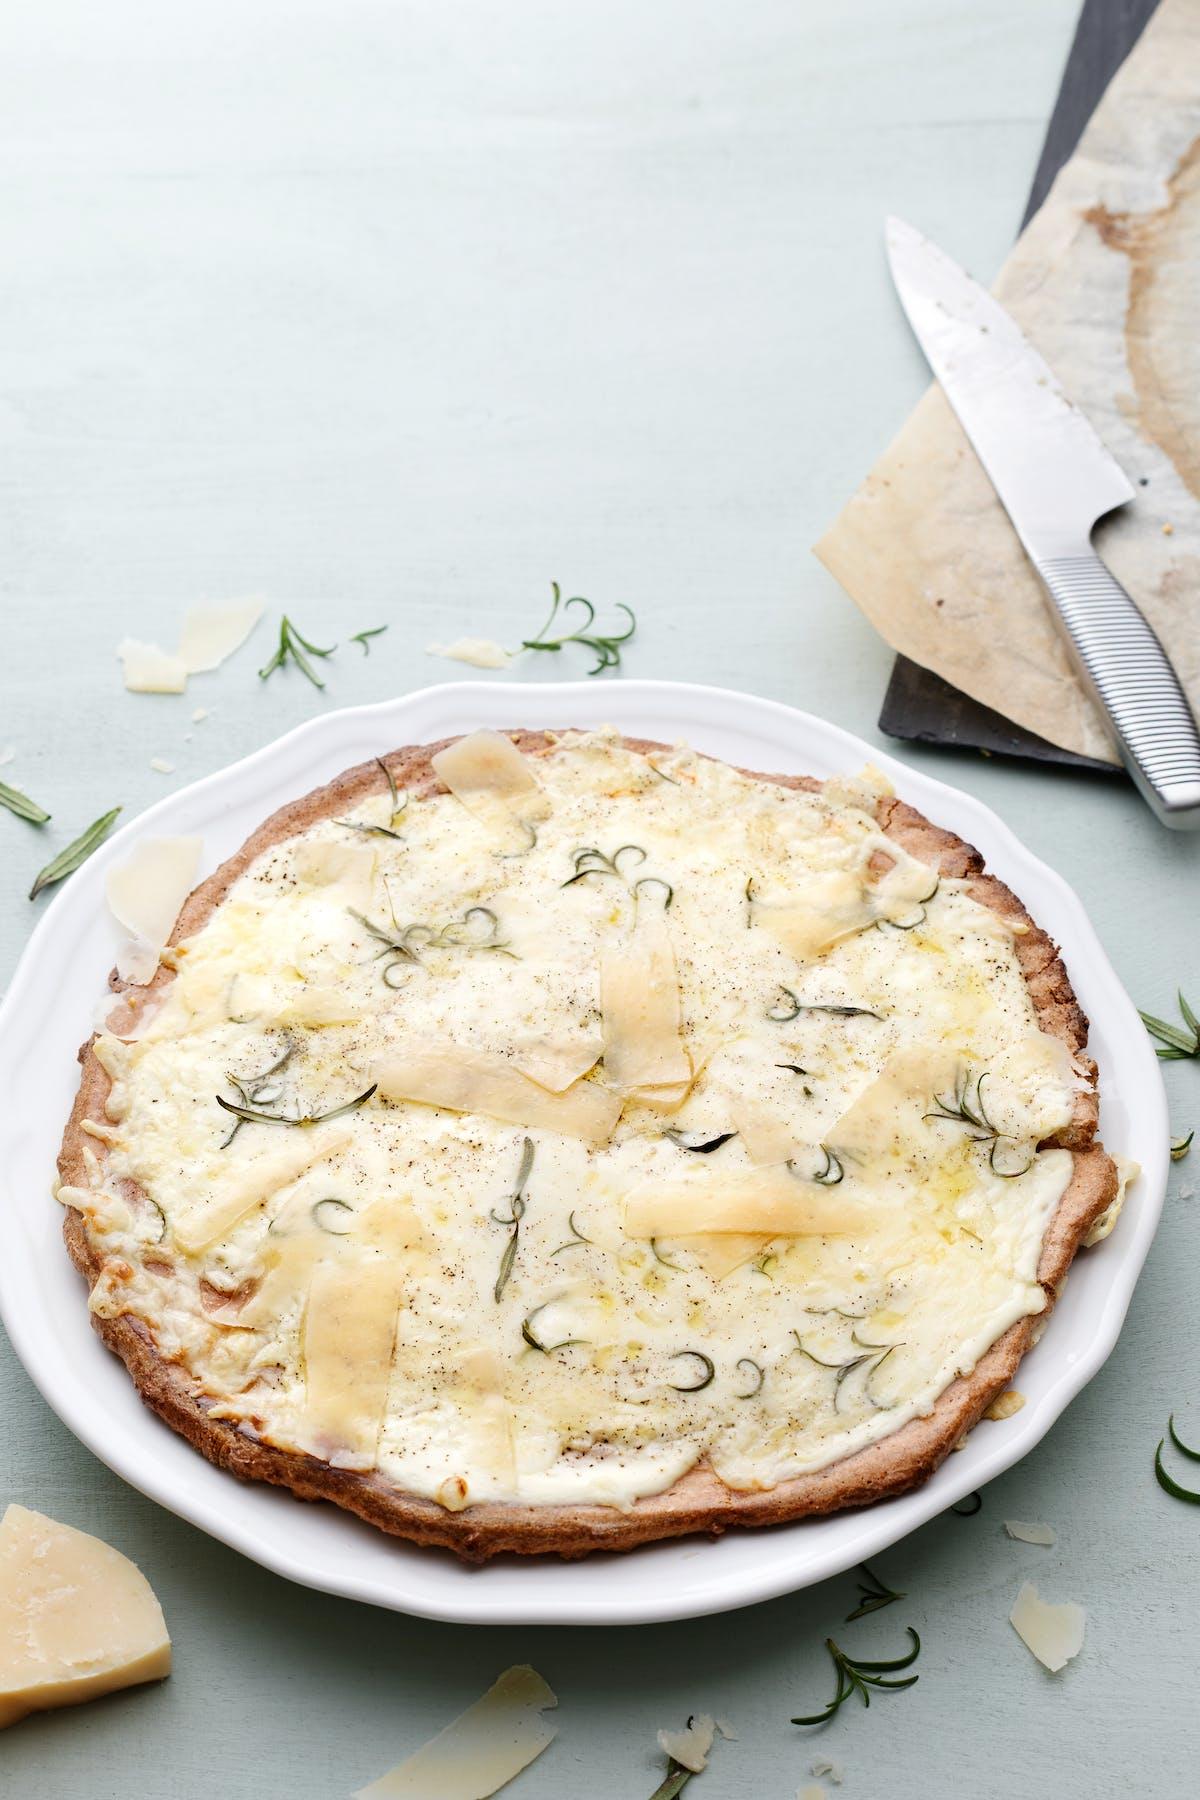 Pizza cetogénica blanca sin gluten